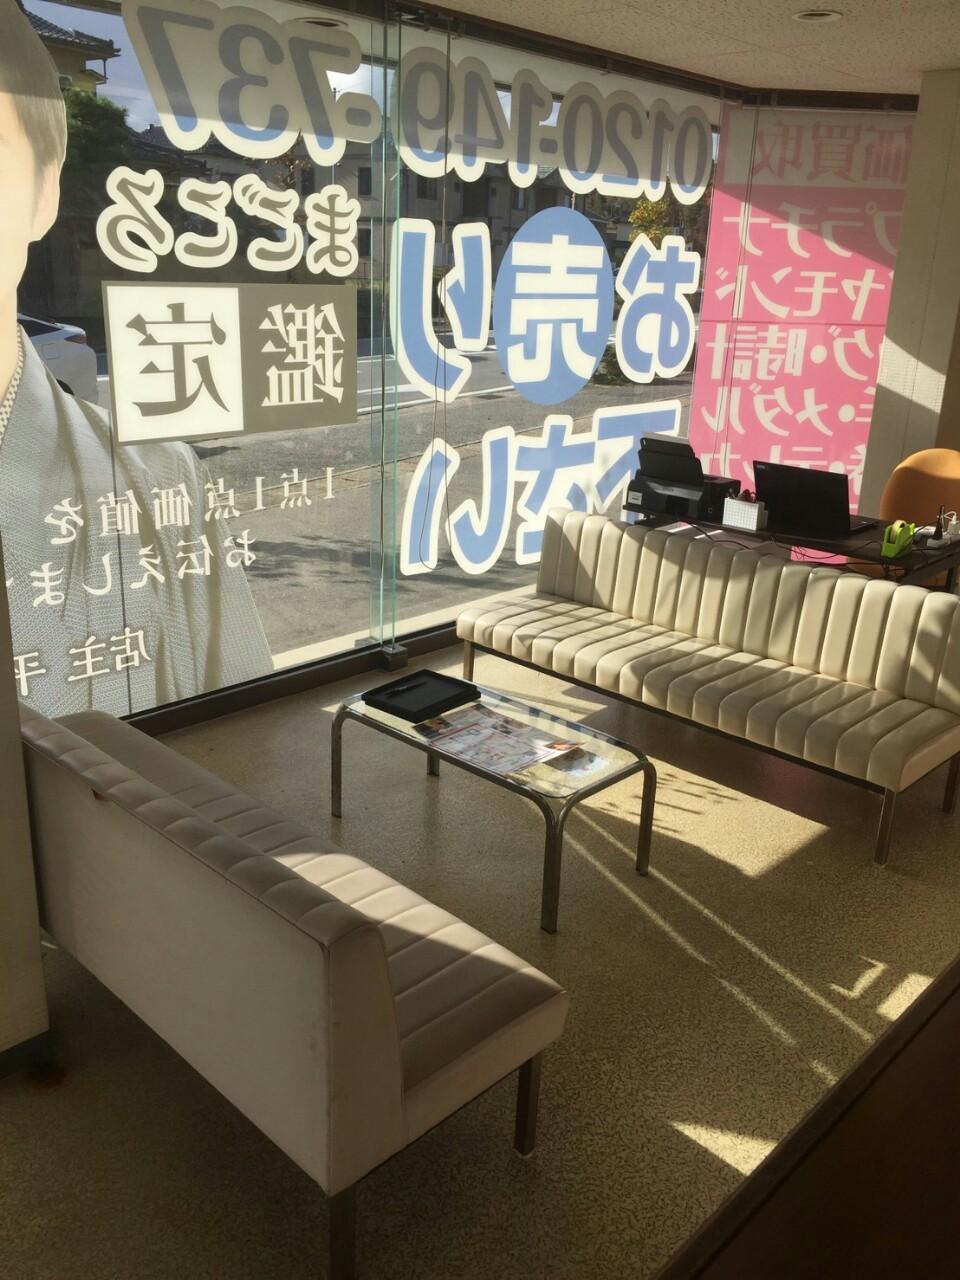 ベストフレンド古美術昇華堂七尾店店舗写真4